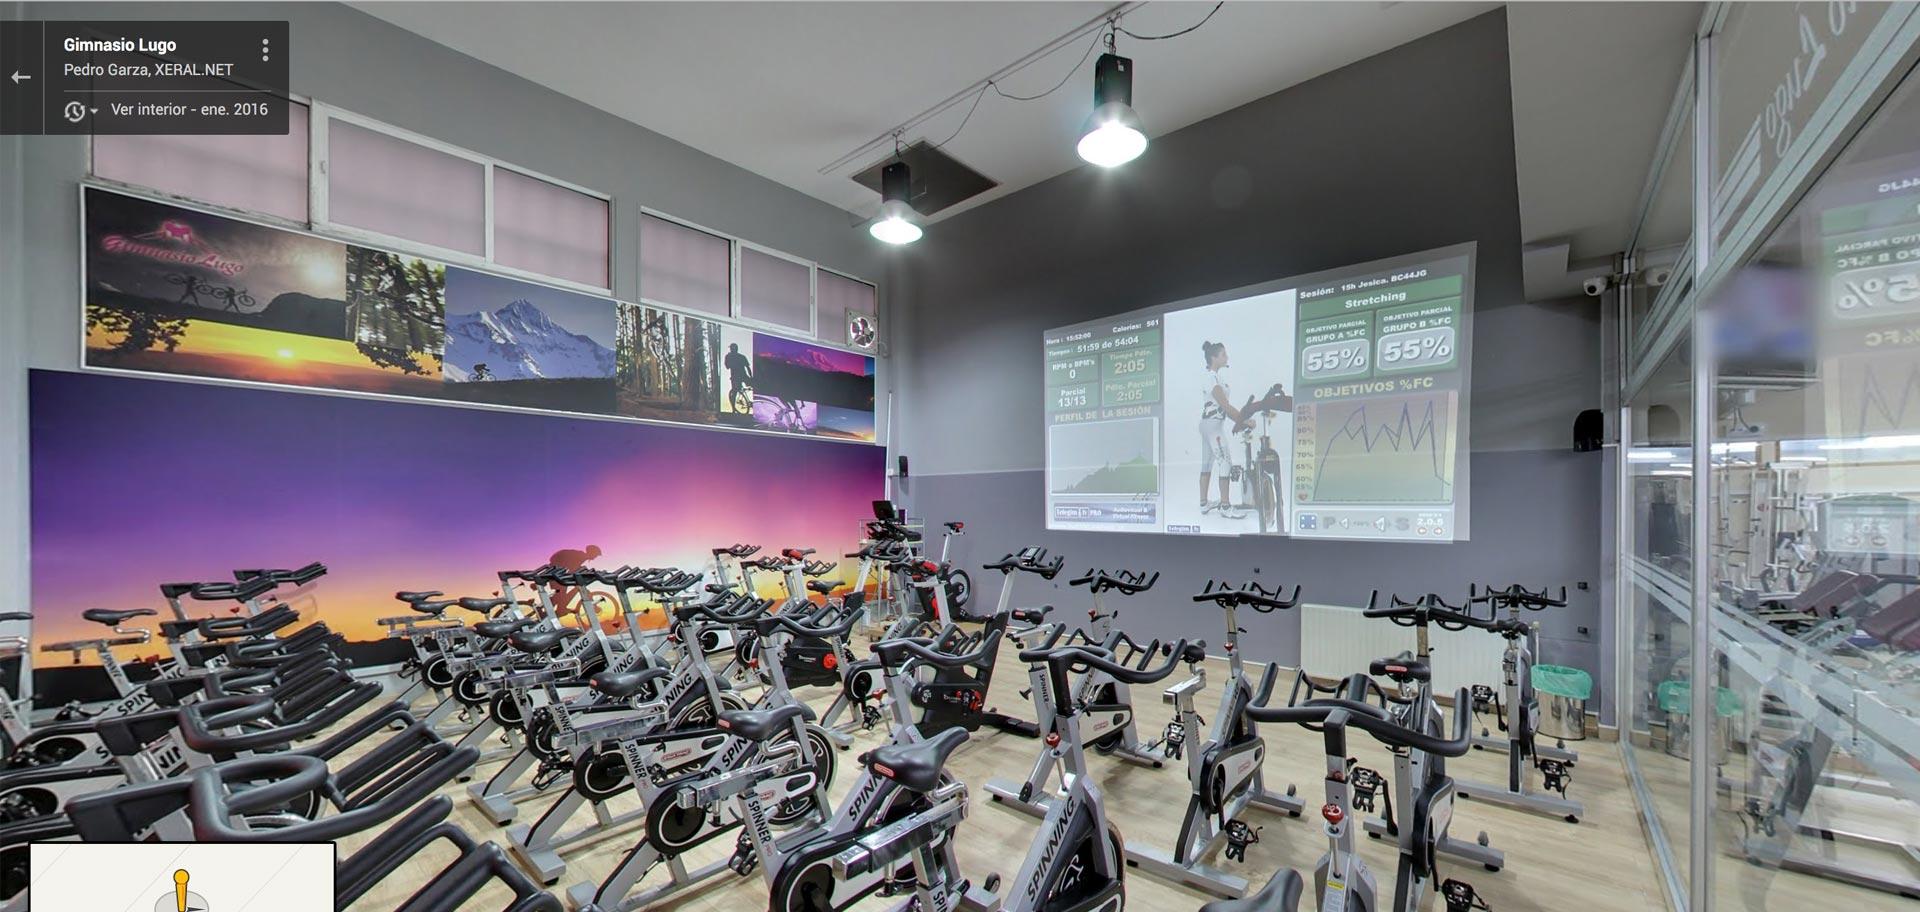 gimnasio en lugo visita virtual por xeral.net